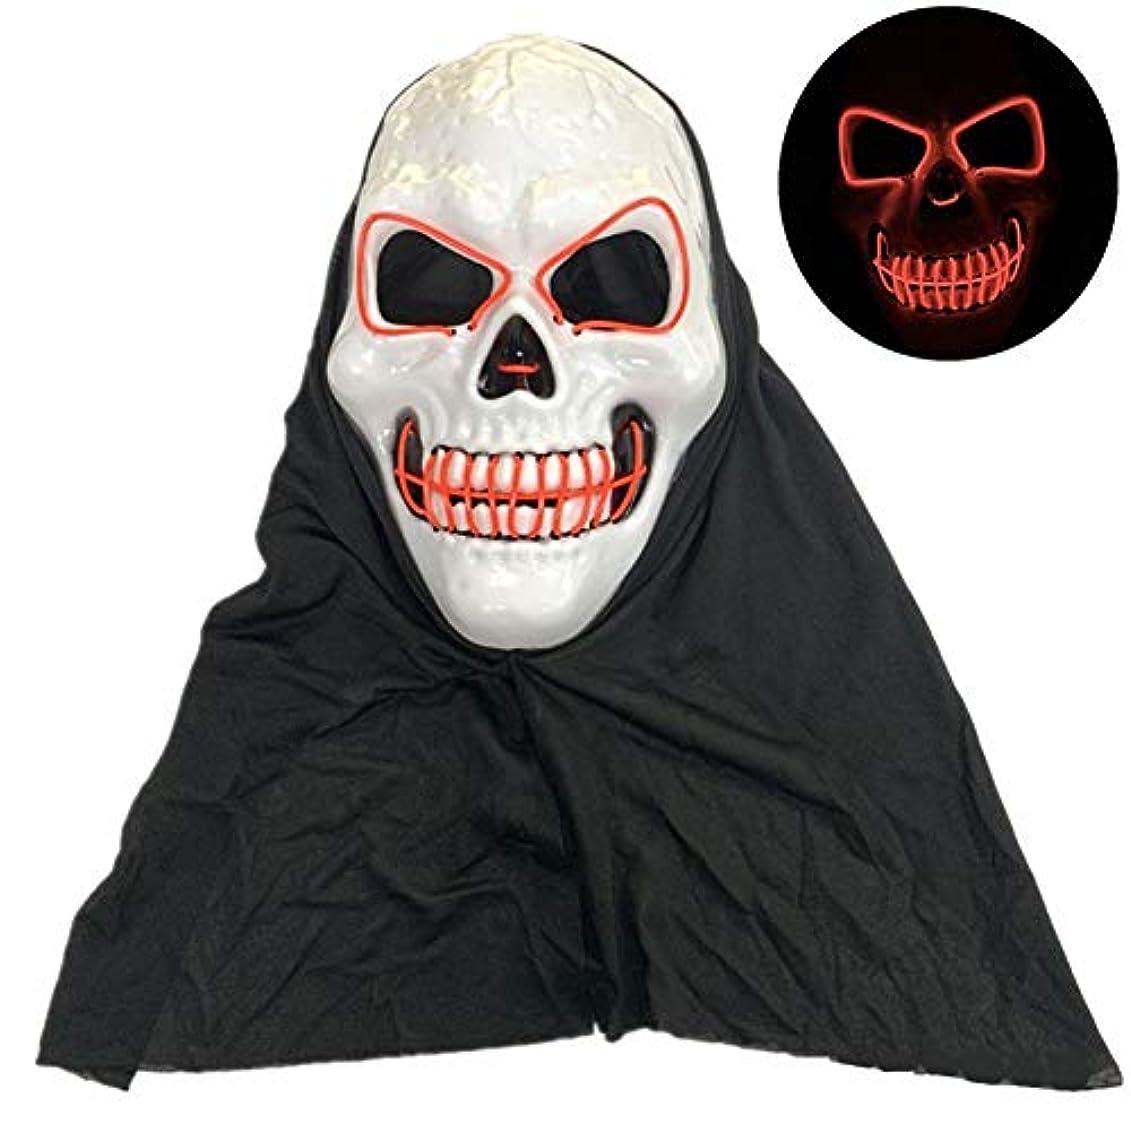 幻想バタフライごちそうハロウィーンマスク、しかめっ面、テーマパーティー、カーニバル、ハロウィーン、レイブパーティー、仮面舞踏会などに適しています。